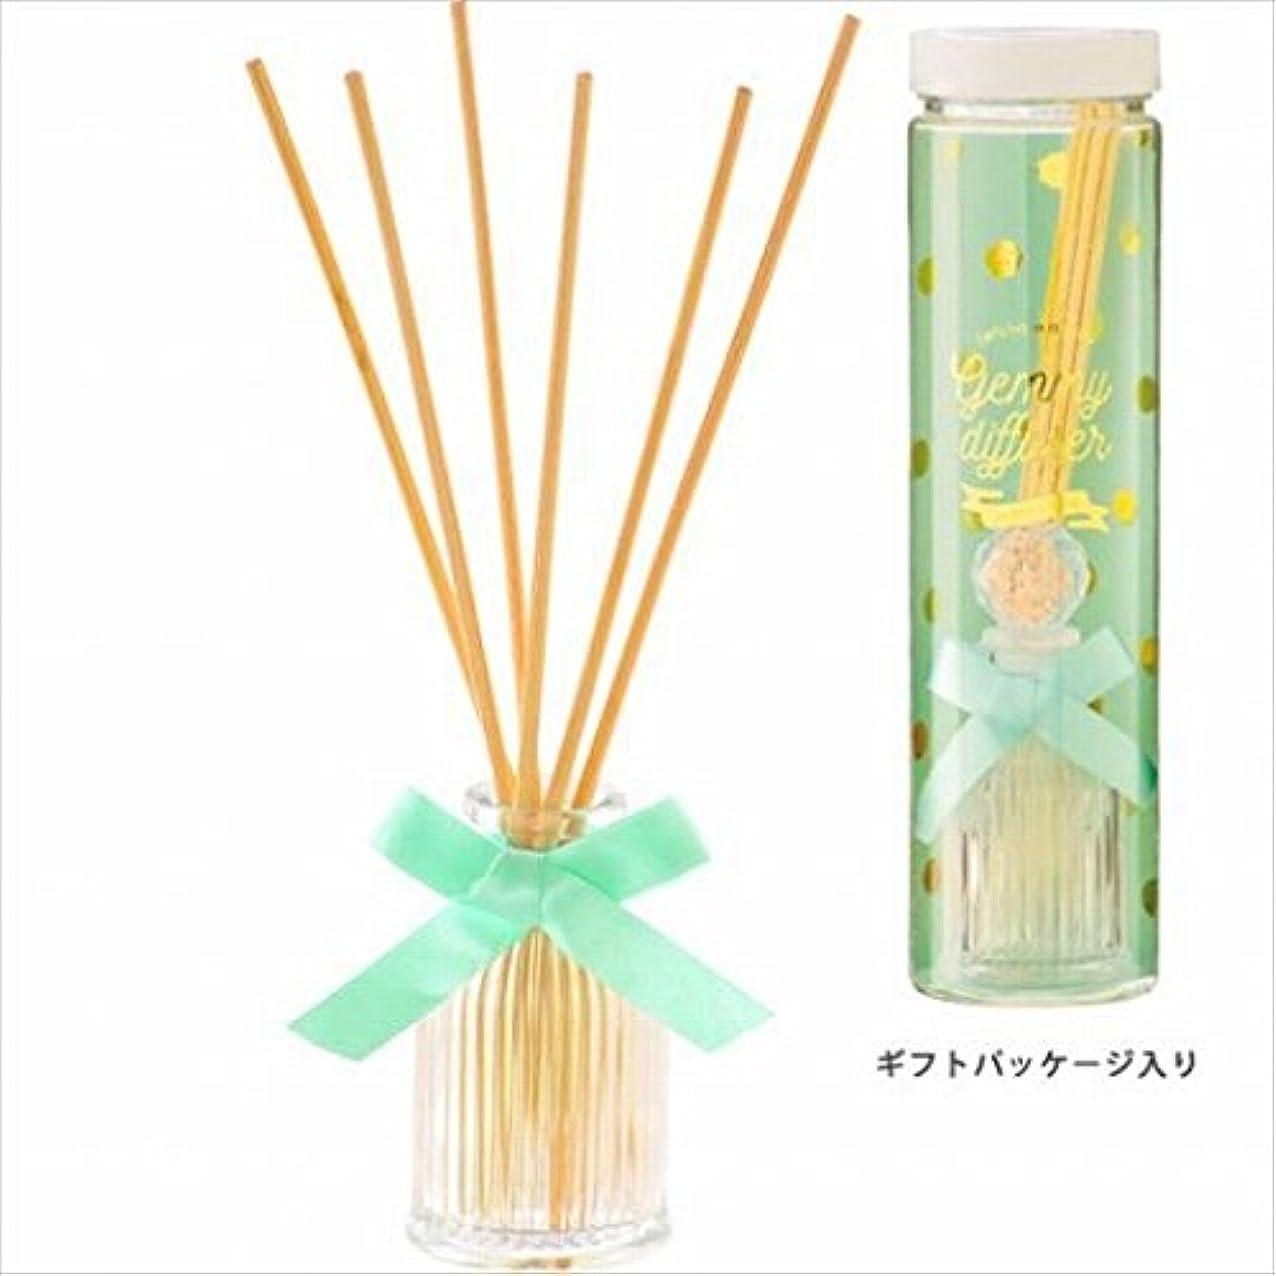 請う掘るボーカルカメヤマキャンドル(kameyama candle) GEMMY (ジェミー) ディフューザー 「 タイム 」6個セット